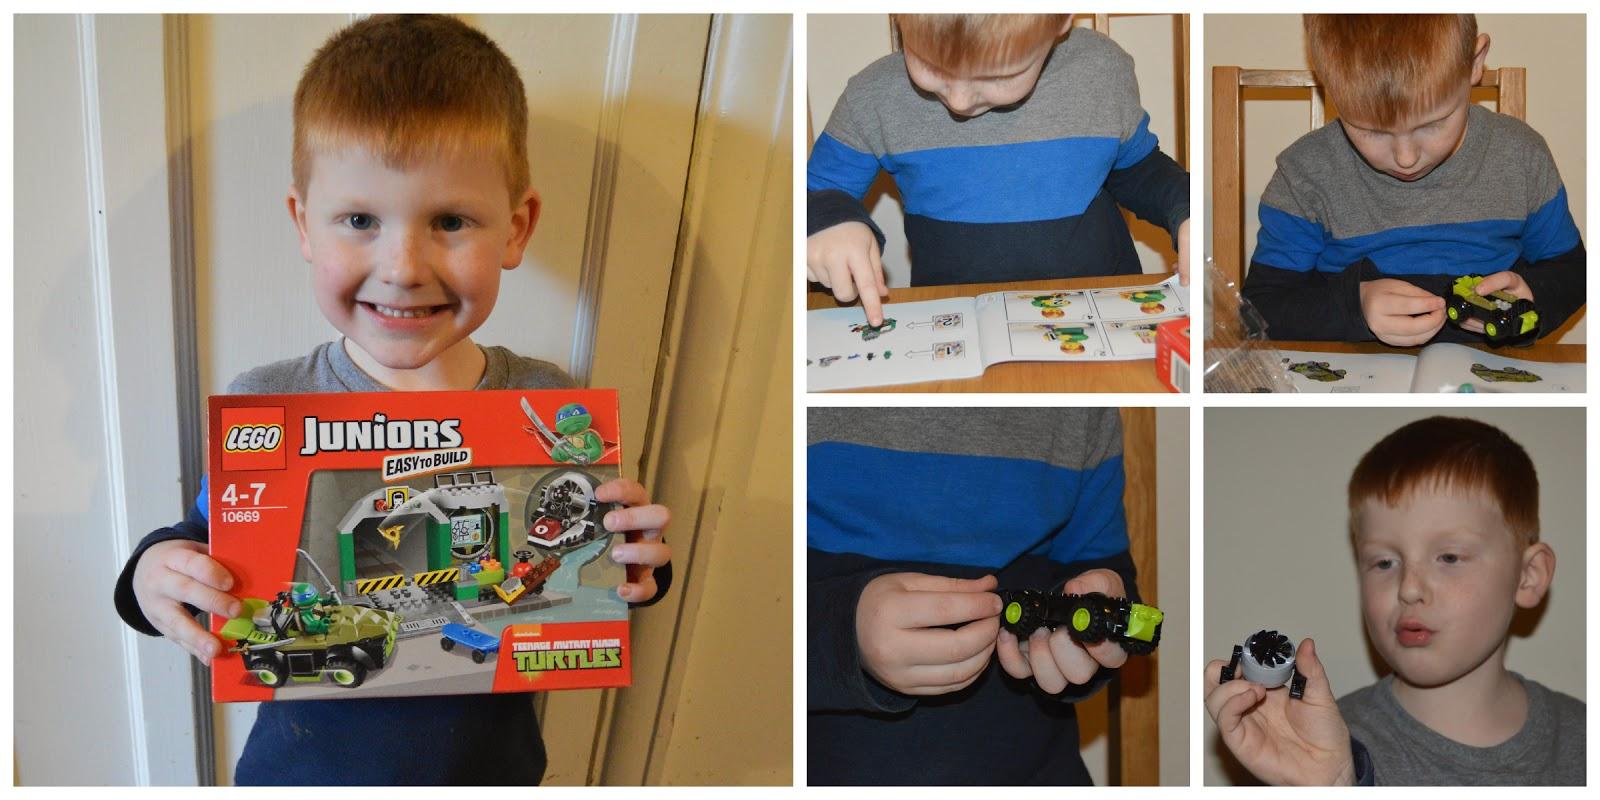 Lego juniors turtles